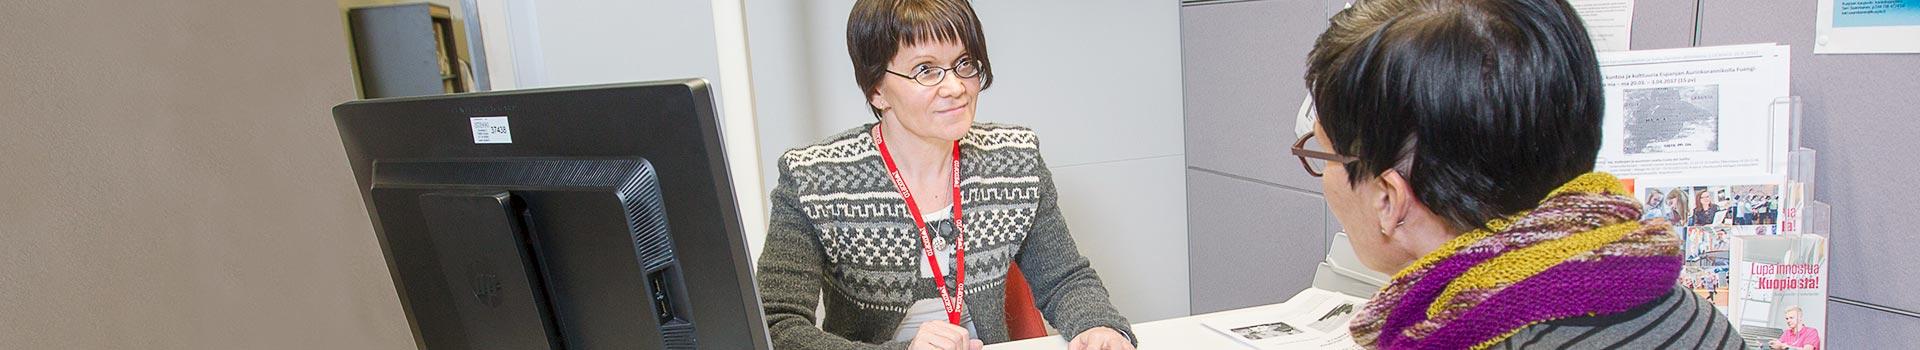 kuopion_kansalaisopisto_ota_yhteytta_asiakaspalvelu_1